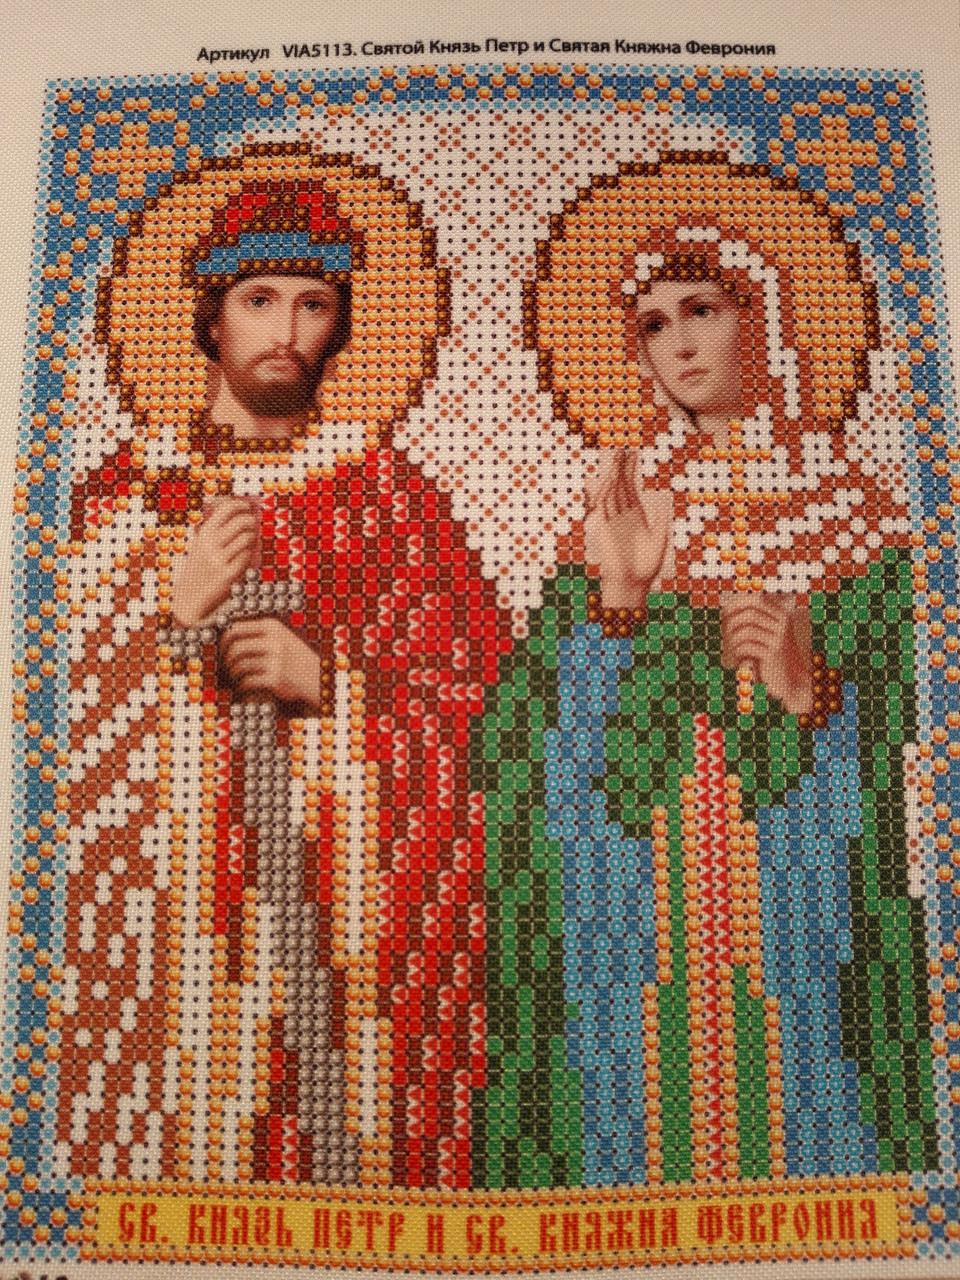 Набор для вышивки бисером икона Святой Князь Петр и Святая Княжна Феврония VIA 5113